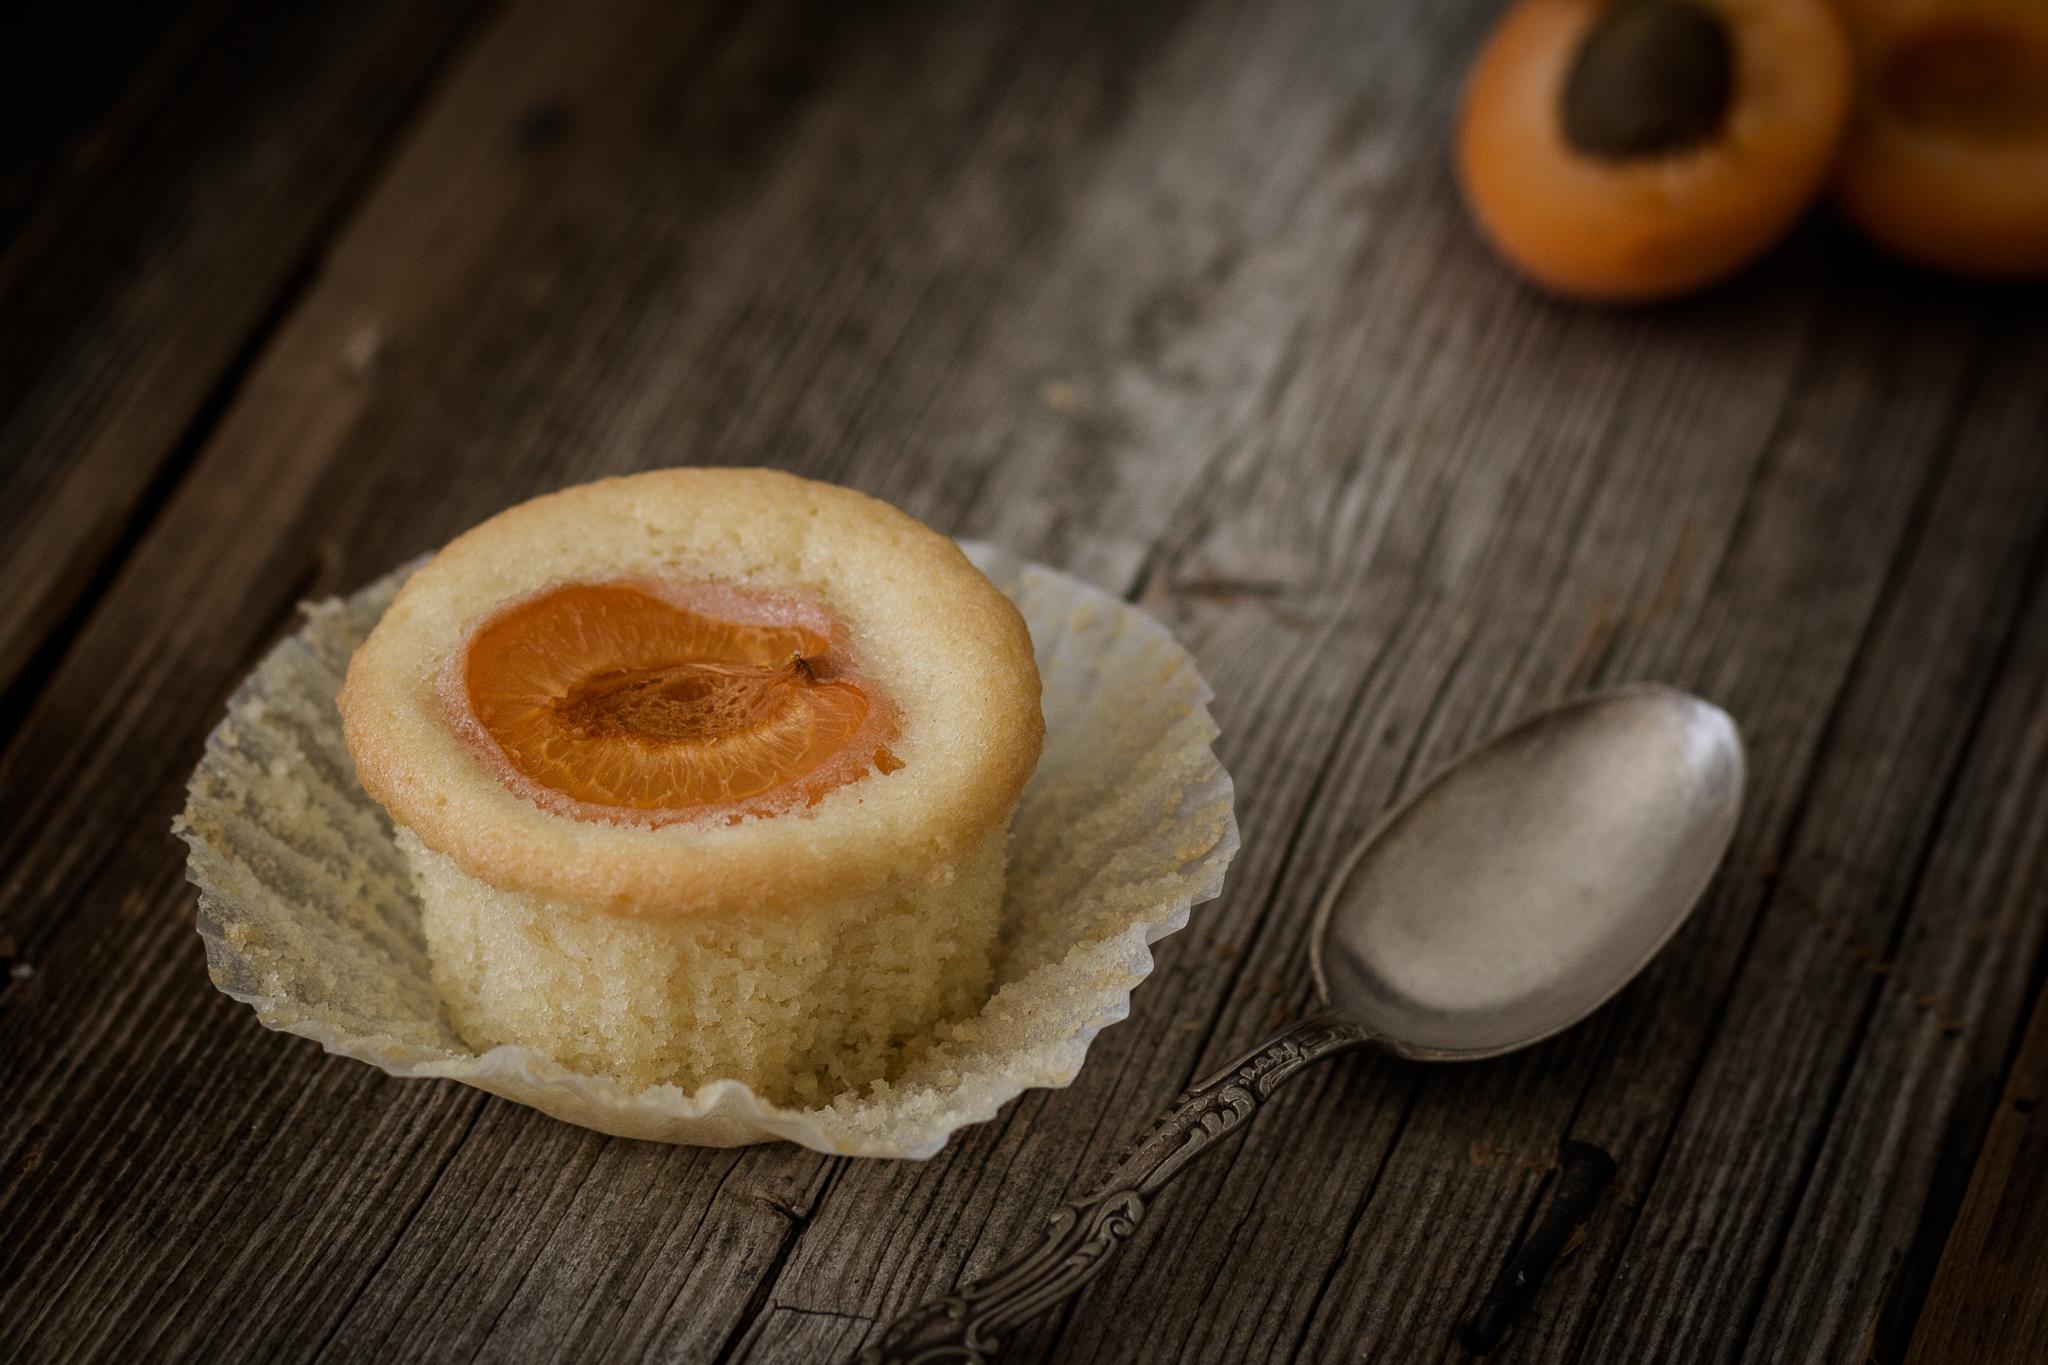 Foodfotografie von nordbrise.net Foodblog & Foodfotografie | Versunkene Marillenmuffins | Apricot Cupcakes